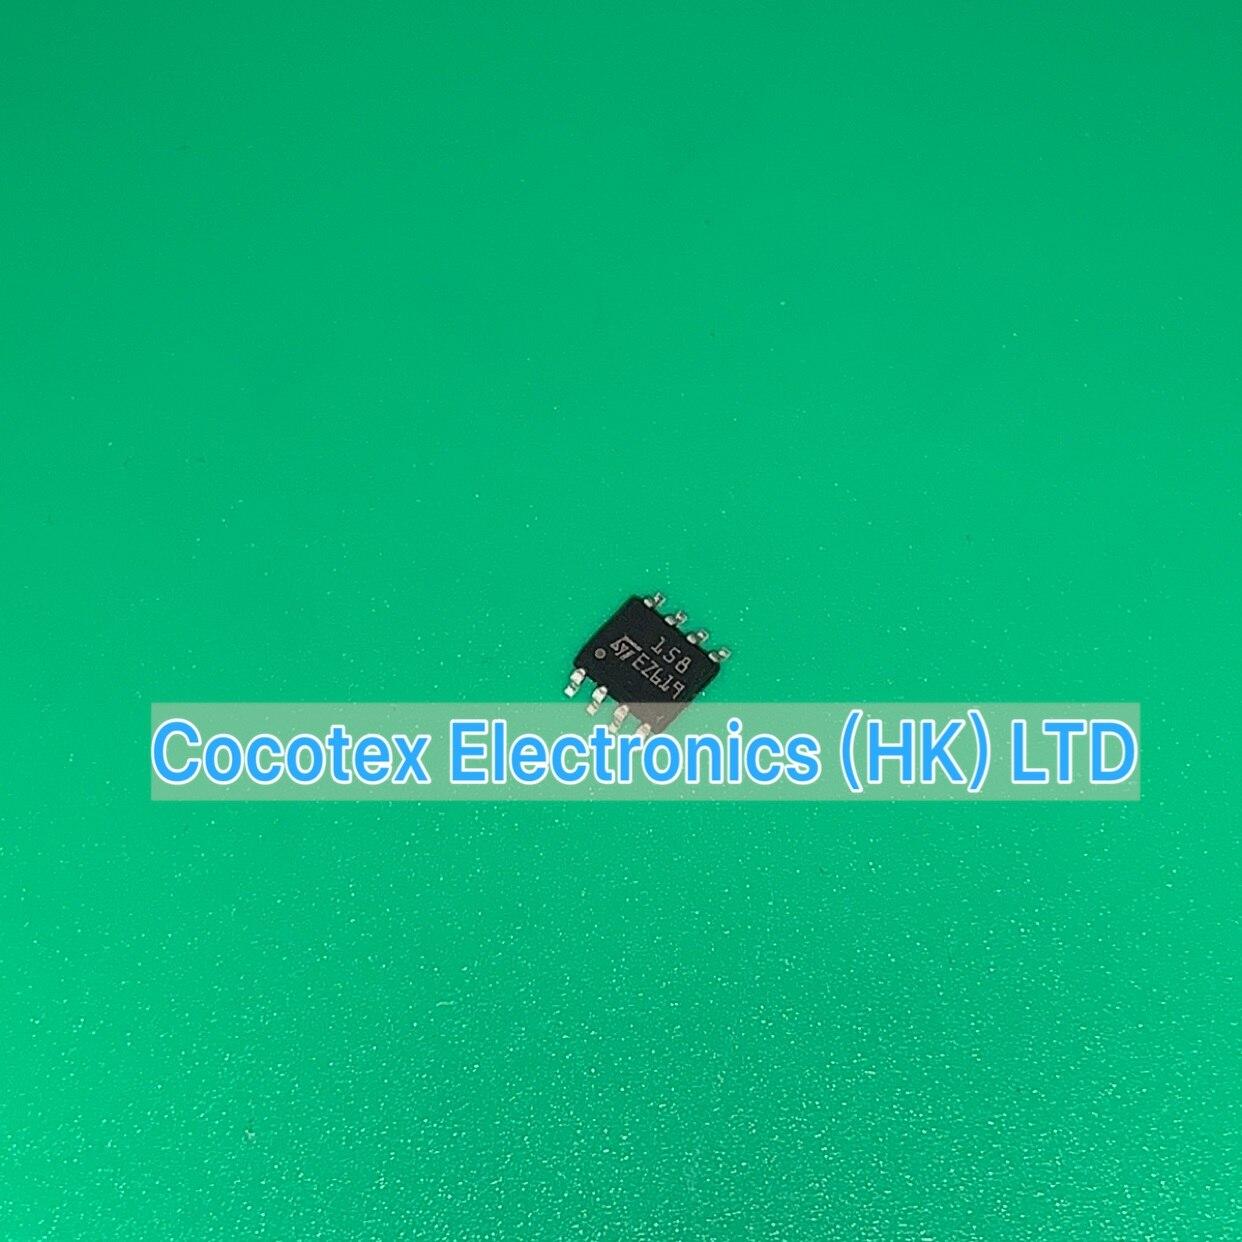 10pcs/lot LM158DT SOP8 LM 158 DT IC OPAMP GP 1.1MHZ 8SOIC LM158-DT LM158DR L158DT